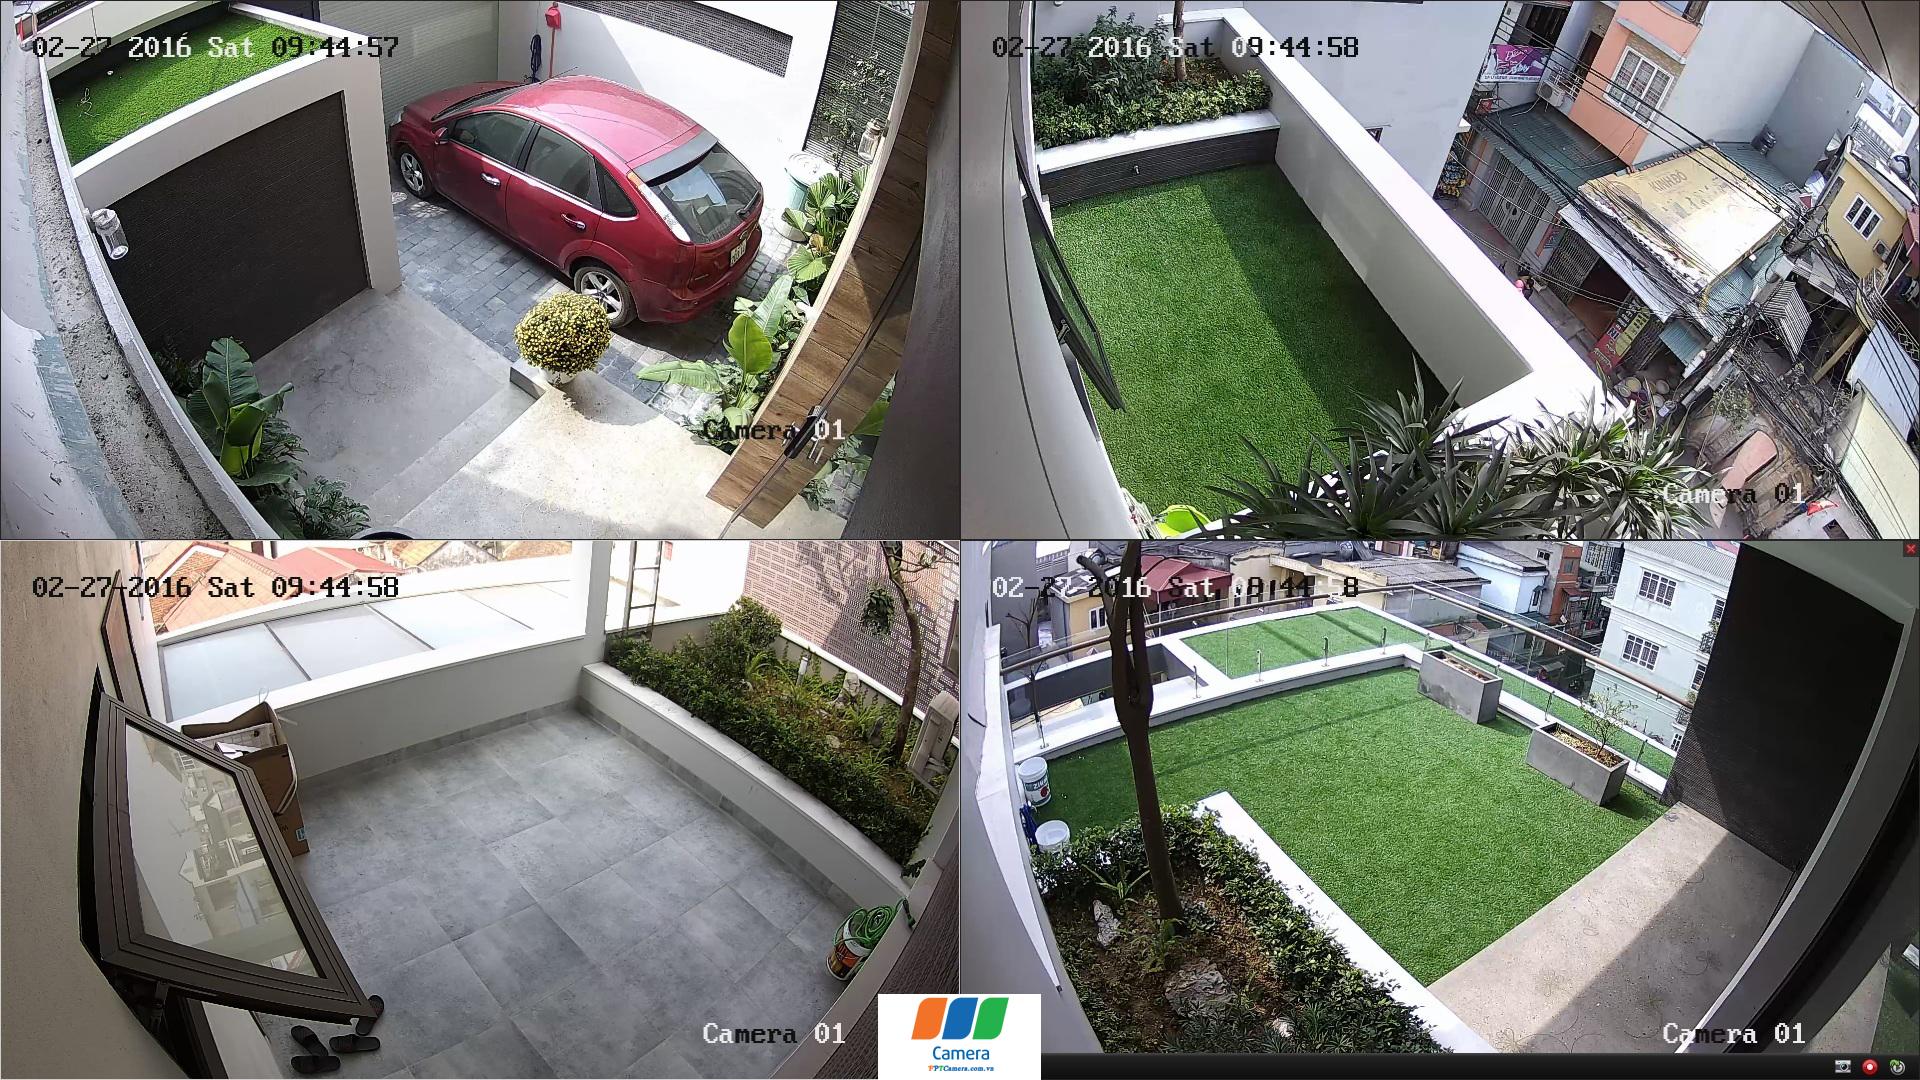 Hình ảnh CameraFPTClắp cho khách hàng